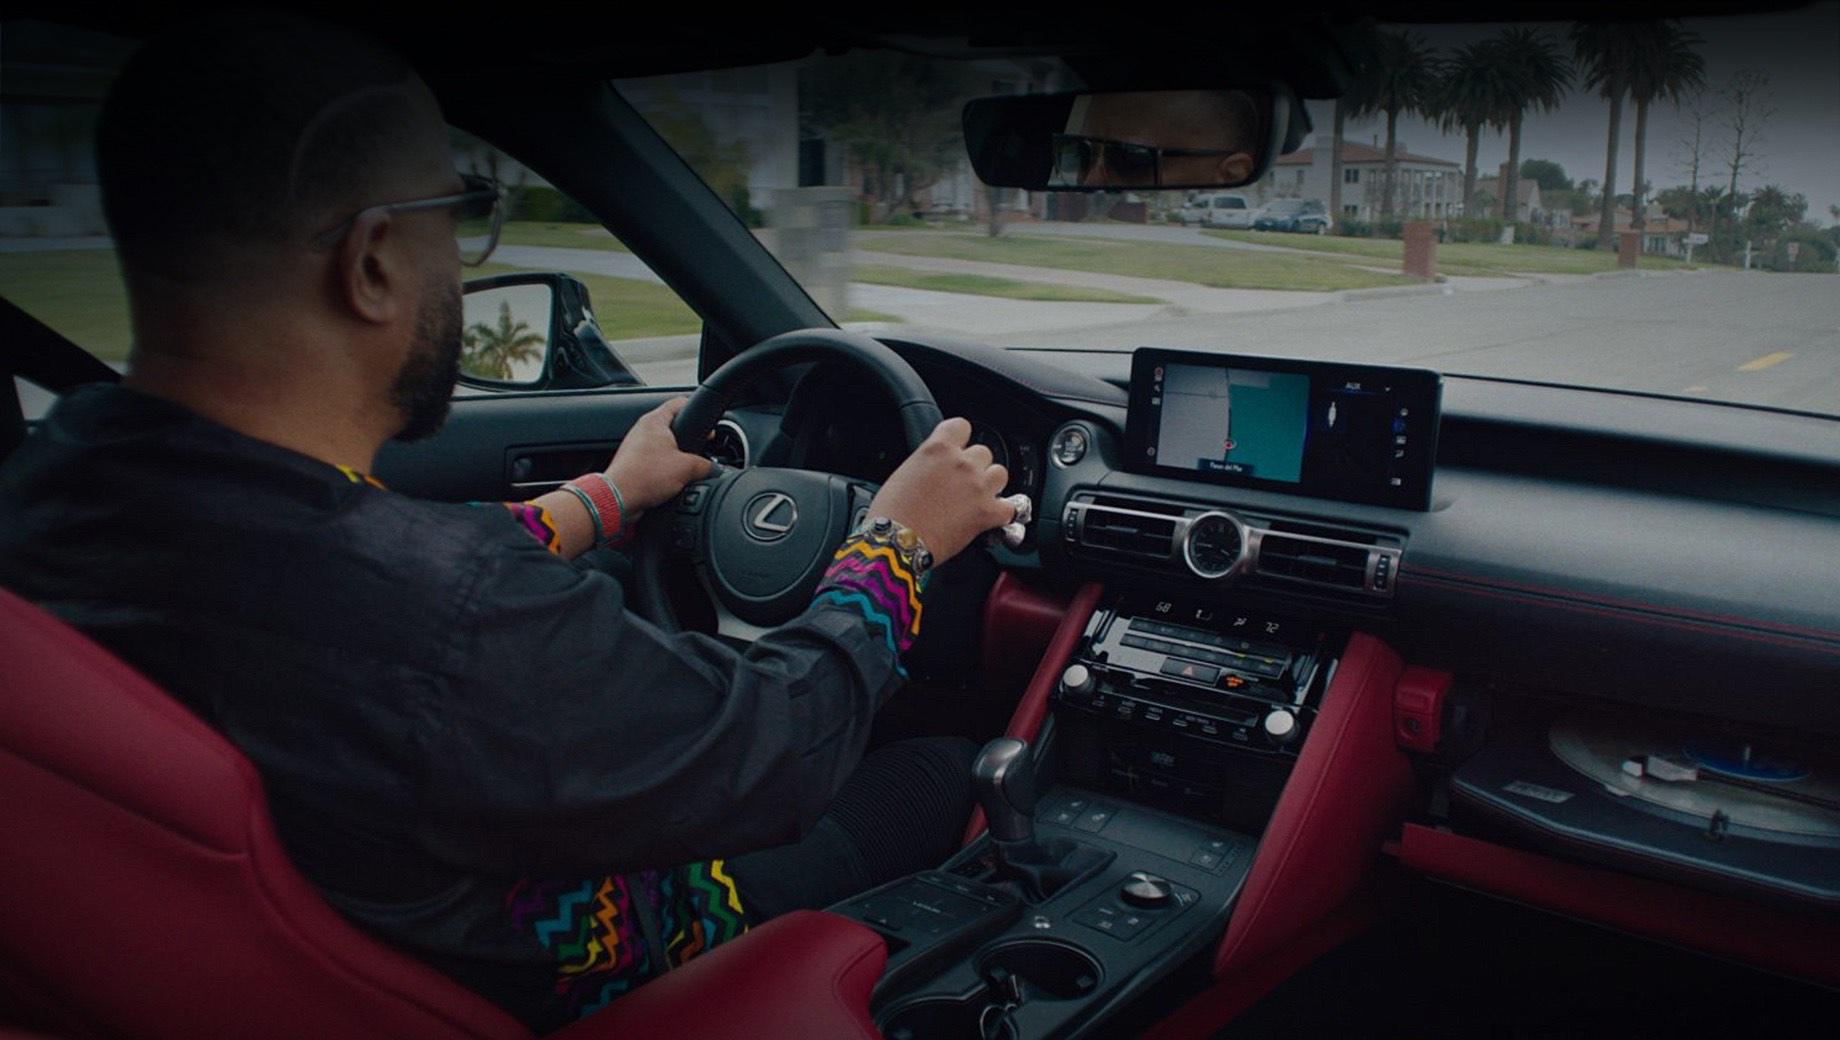 Концепт Lexus IS Wax Edition проиграл винил в движении